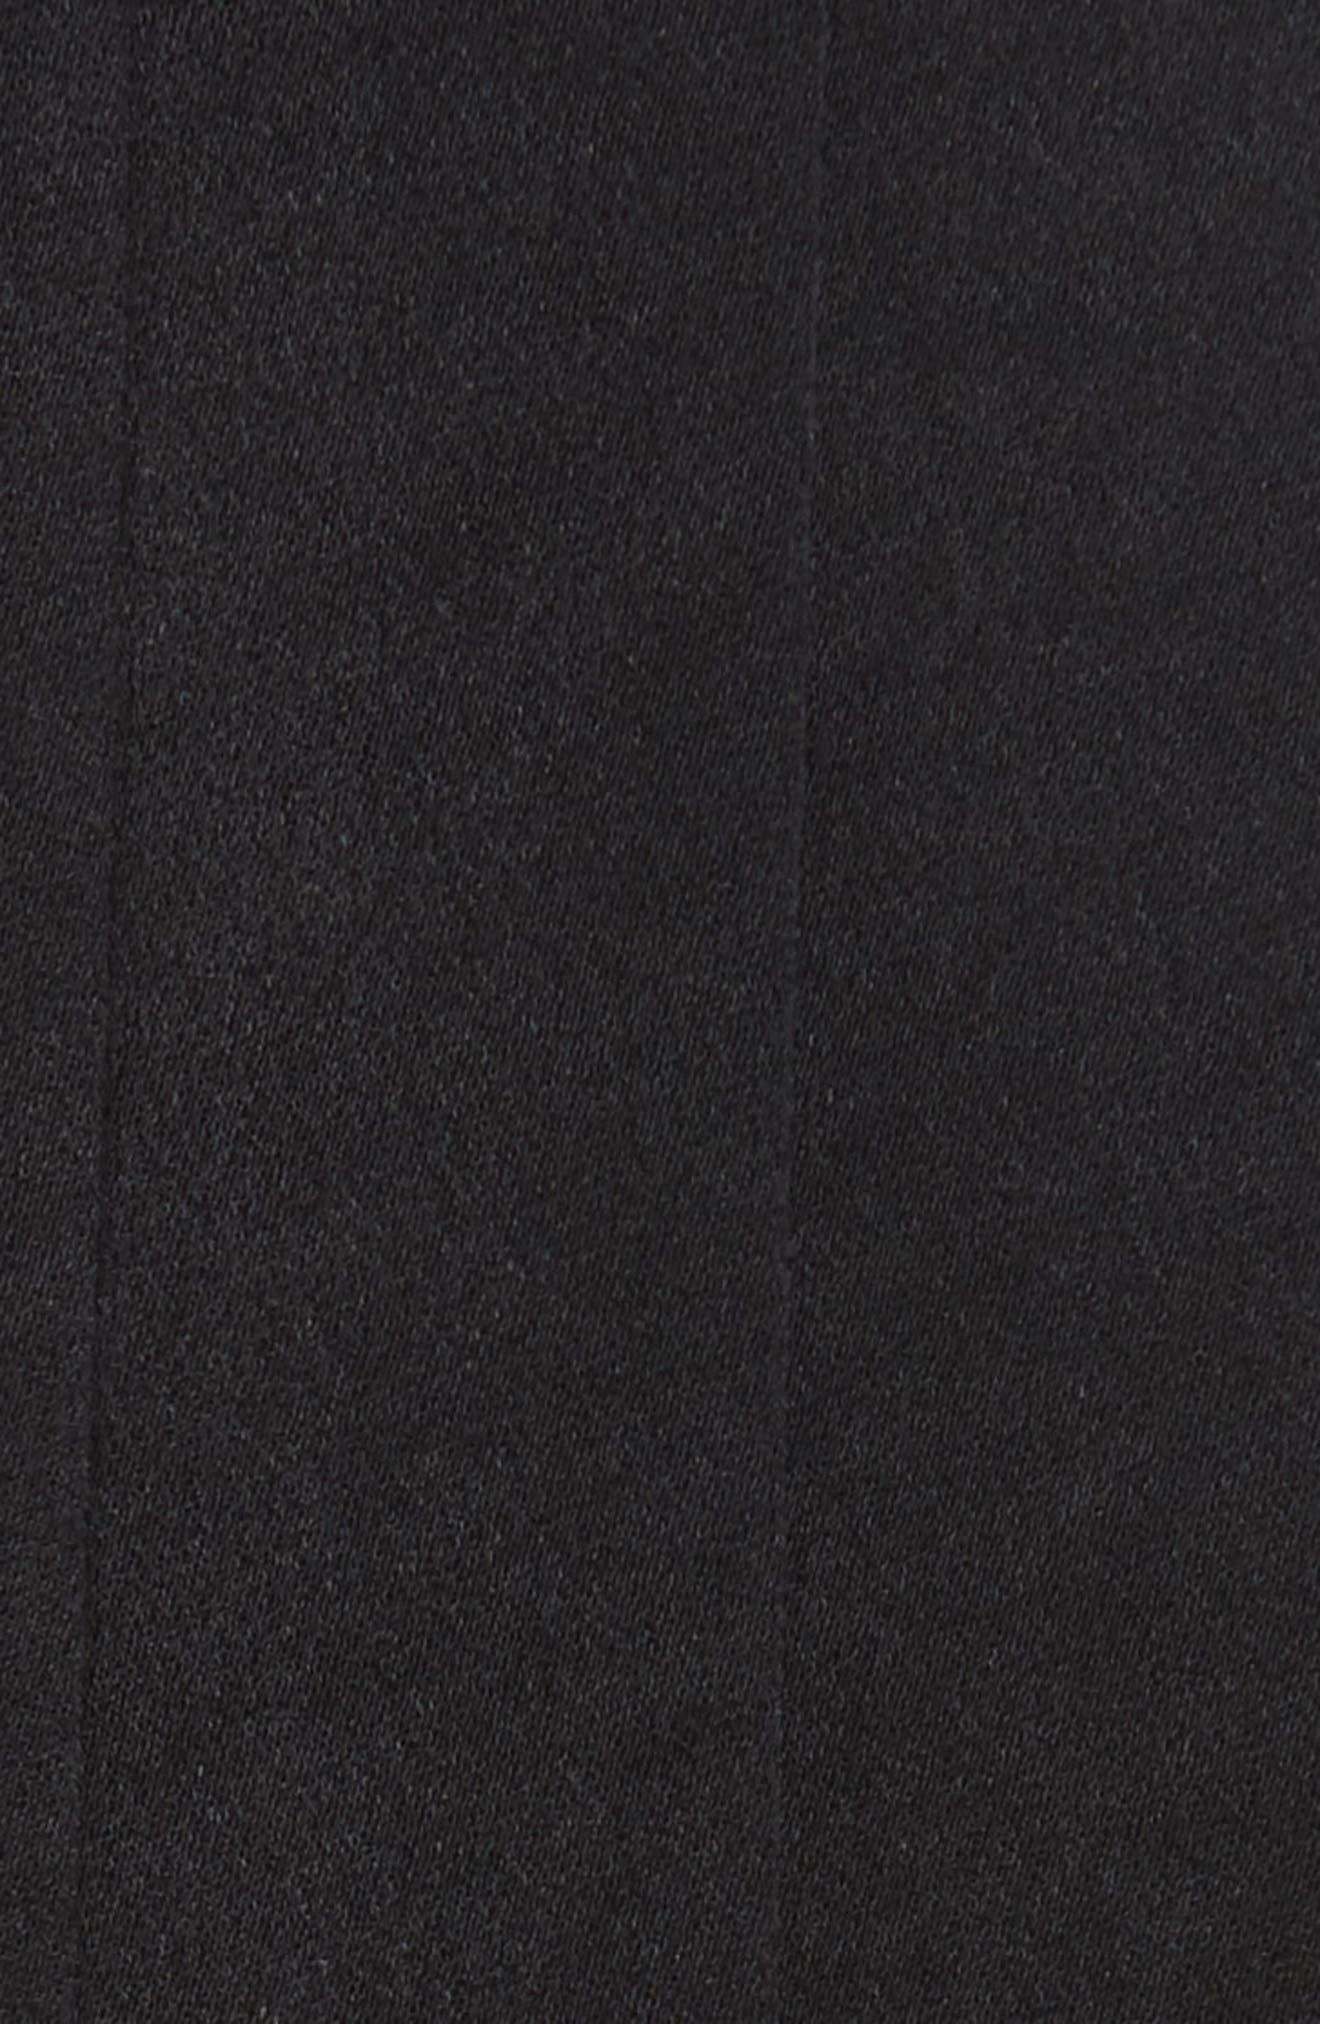 Star Sign Fringe Crop Top,                             Alternate thumbnail 5, color,                             Black W Navy